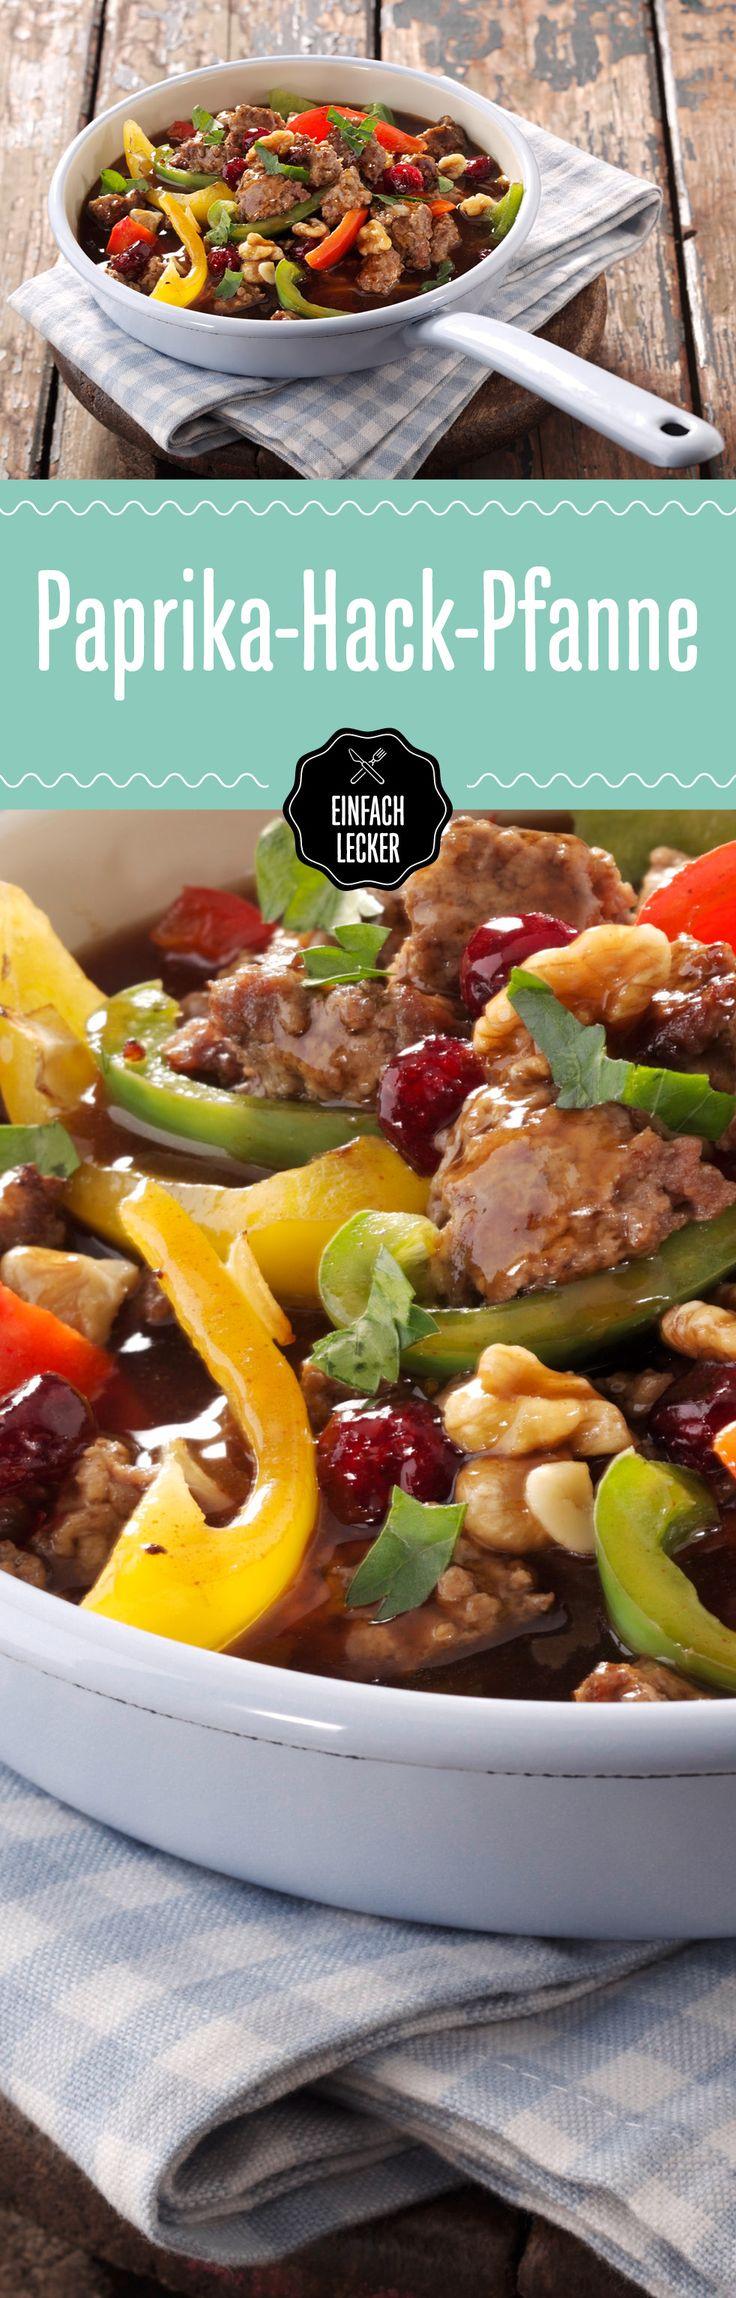 What the Hack! Wenn dieses Gericht mit Paprika, Cranberries und Walnüssen auf den Tisch kommt, rasten alle aus …